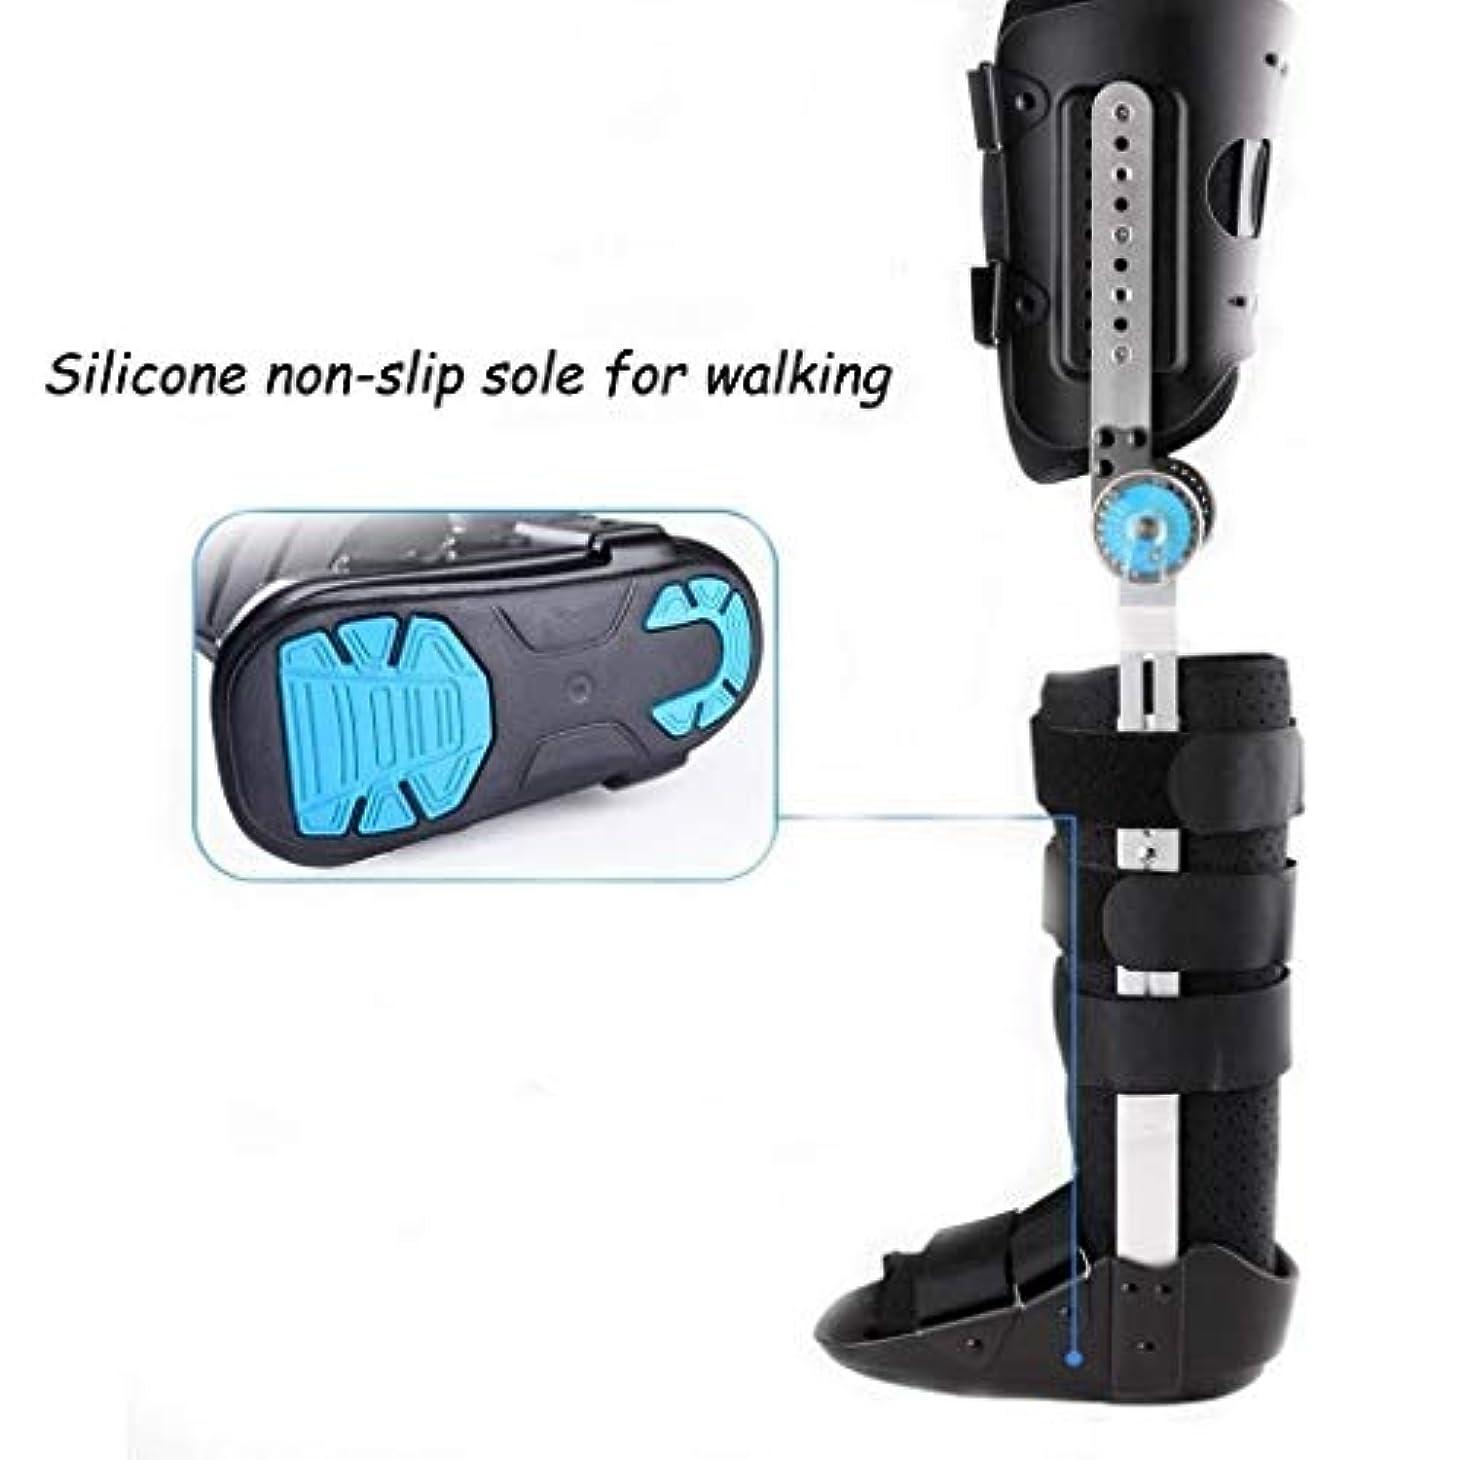 取得する化学薬品褐色膝ブレースヒンジ付きヒンジスタビライザー膝関節サポート装具靭帯ケア膝ブレースプロテクター関節炎、術後、メニスカスティア、ACL、MCL、PCL (Color : As Picture, Size : Right-M)